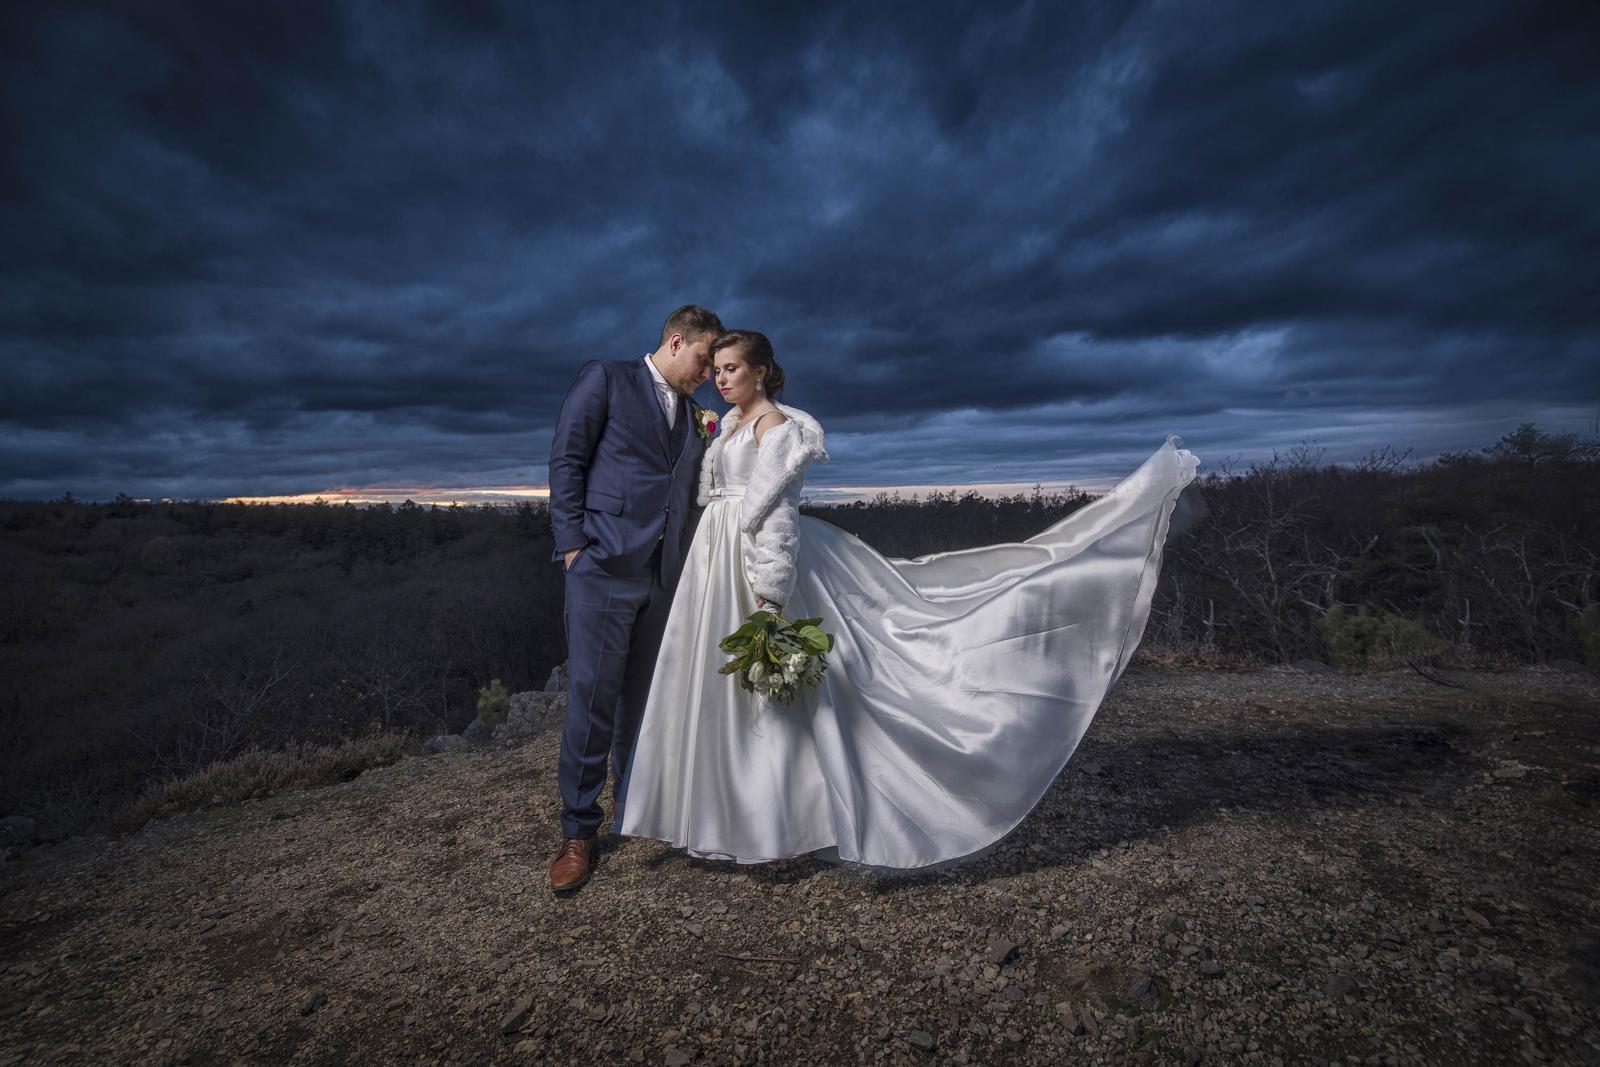 weddingsphoto_cz - Obrázek č. 5